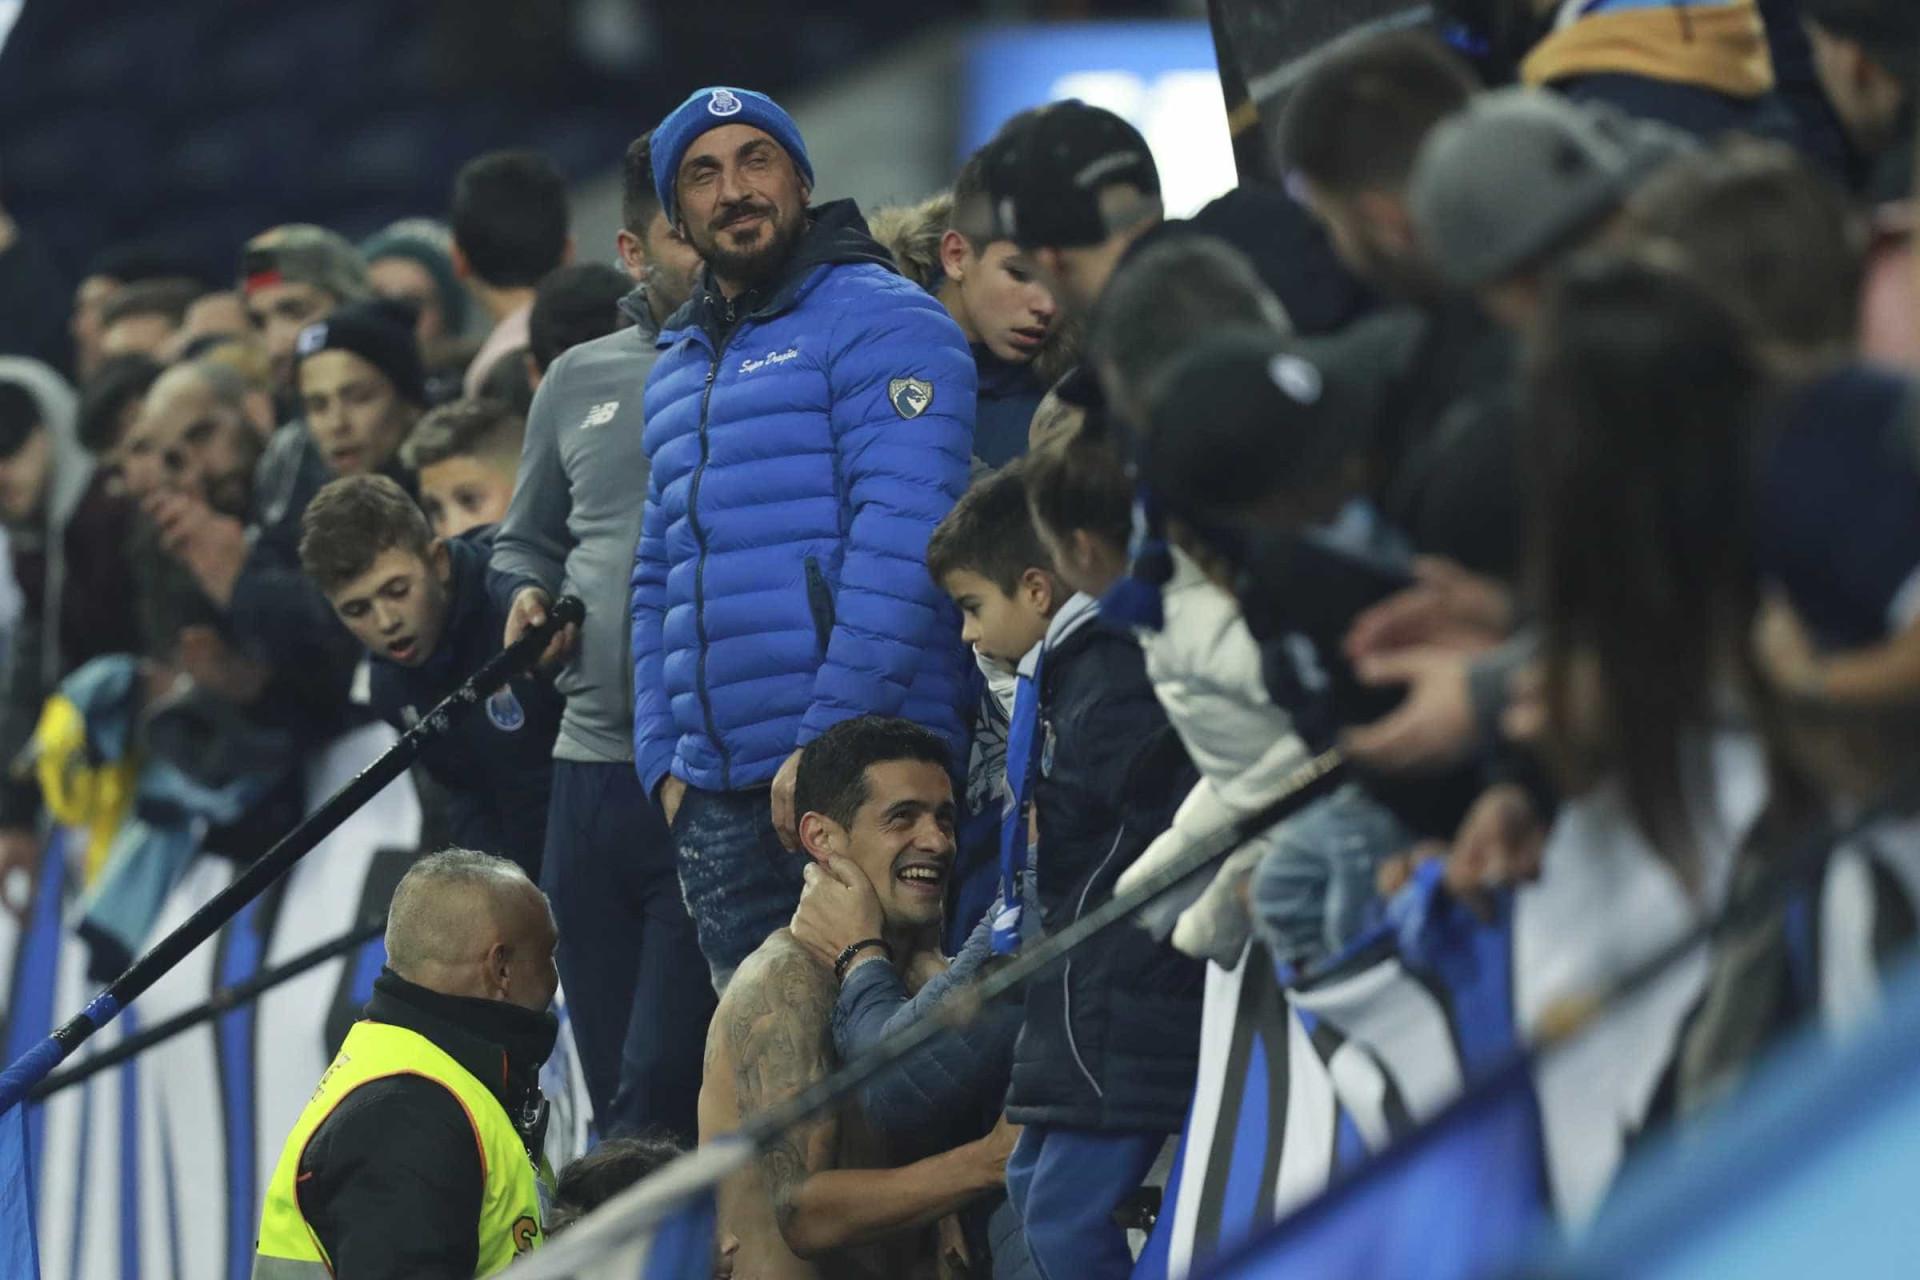 Ricardo Costa não esquece adeptos do FC Porto. Eis o gesto do central